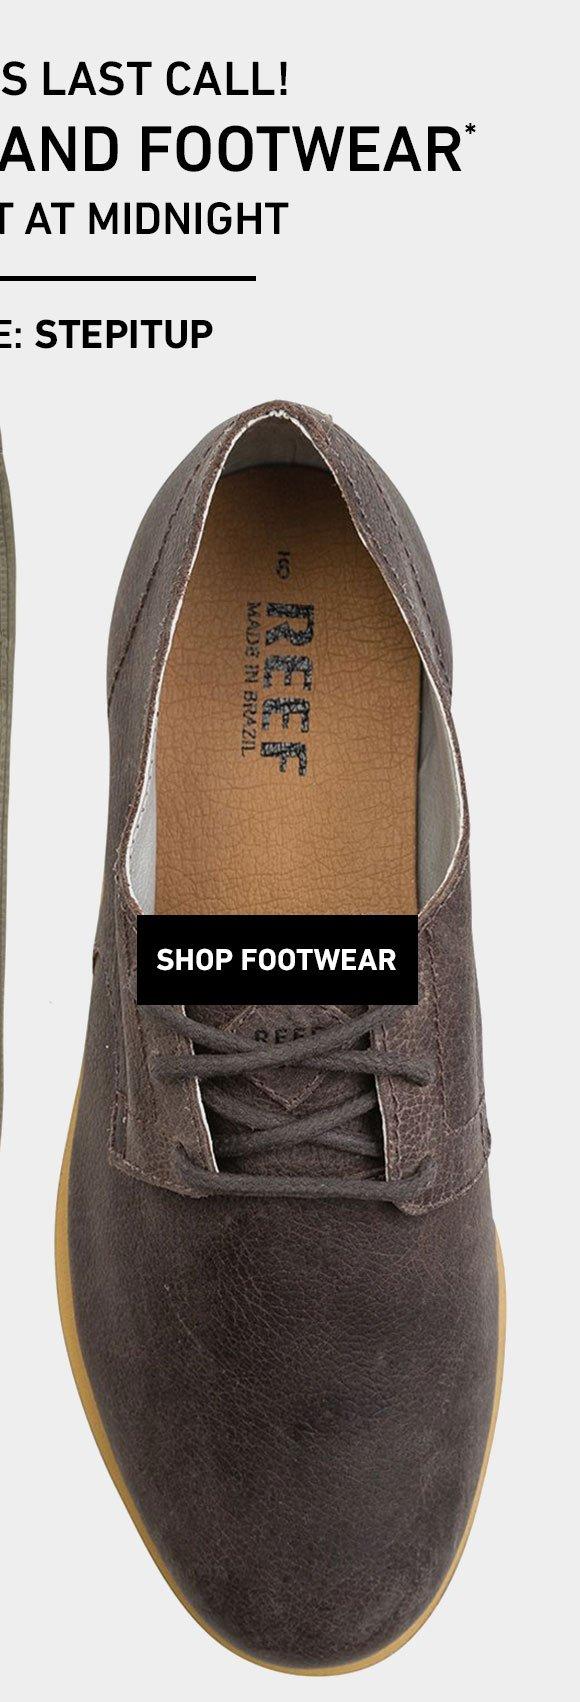 40% Off Footwear! Enter Code: STEPITUP